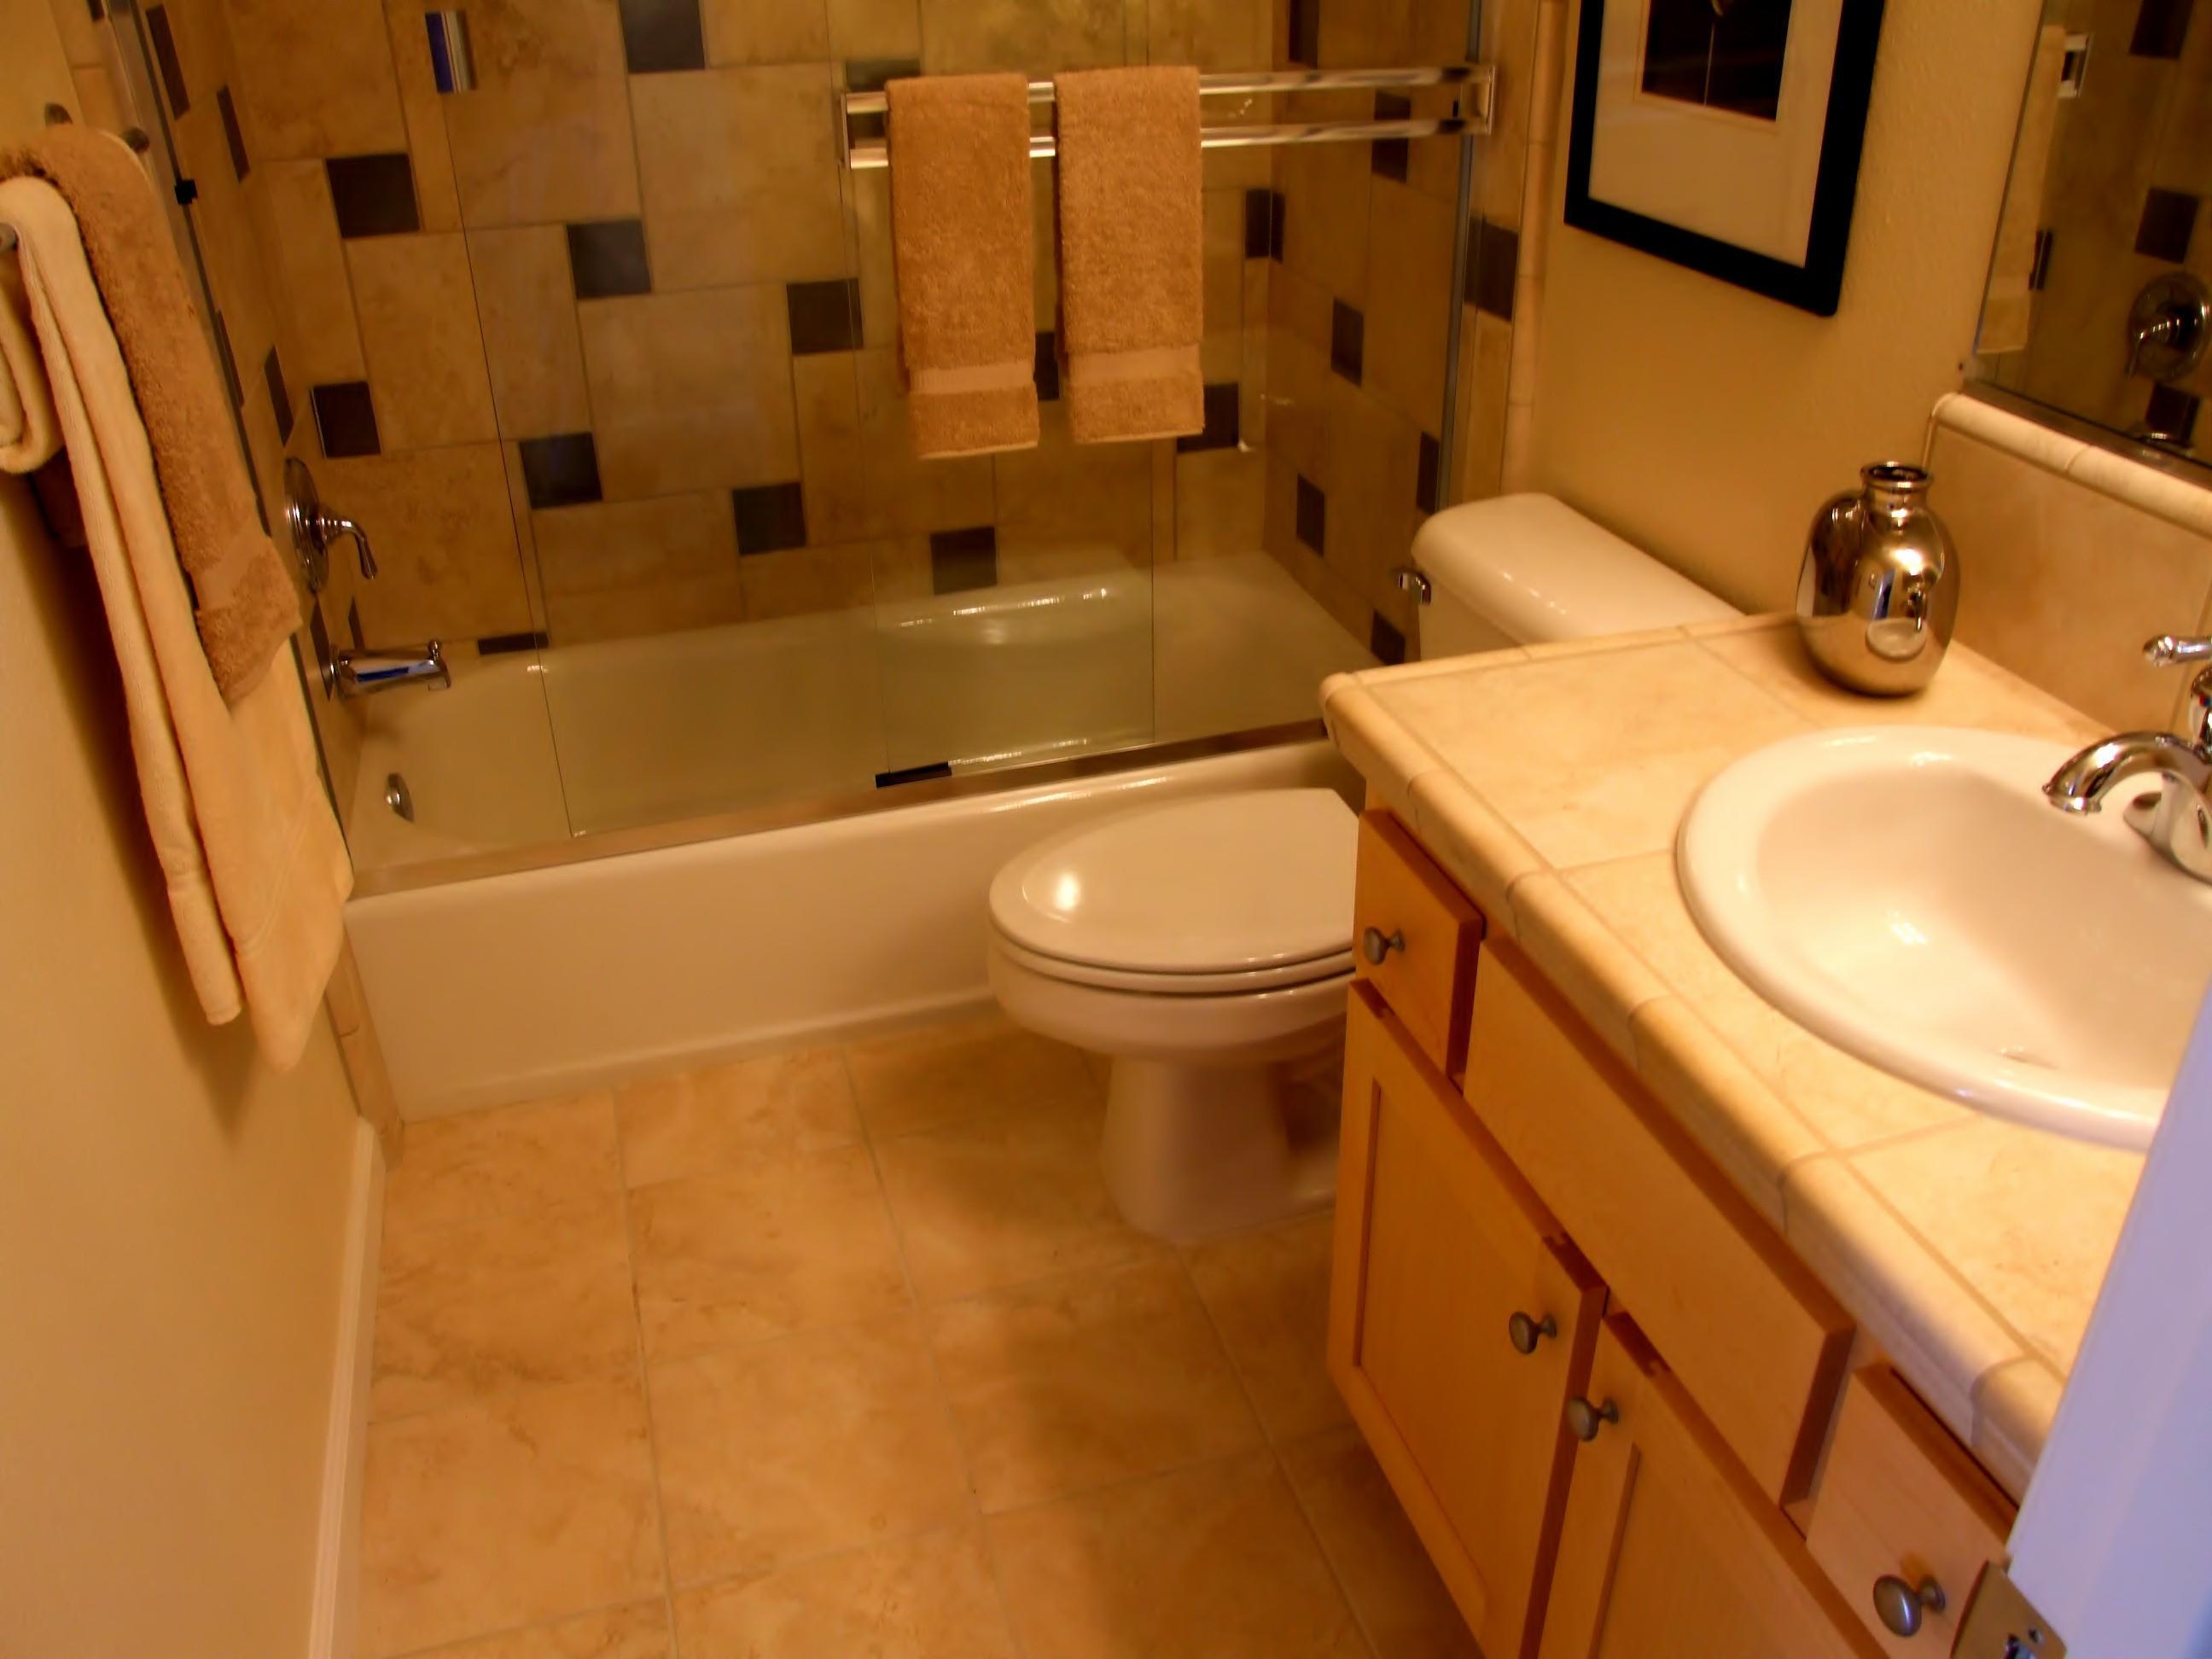 Прежде чем начинать ремонт в ванной, необходимо продумать планировку